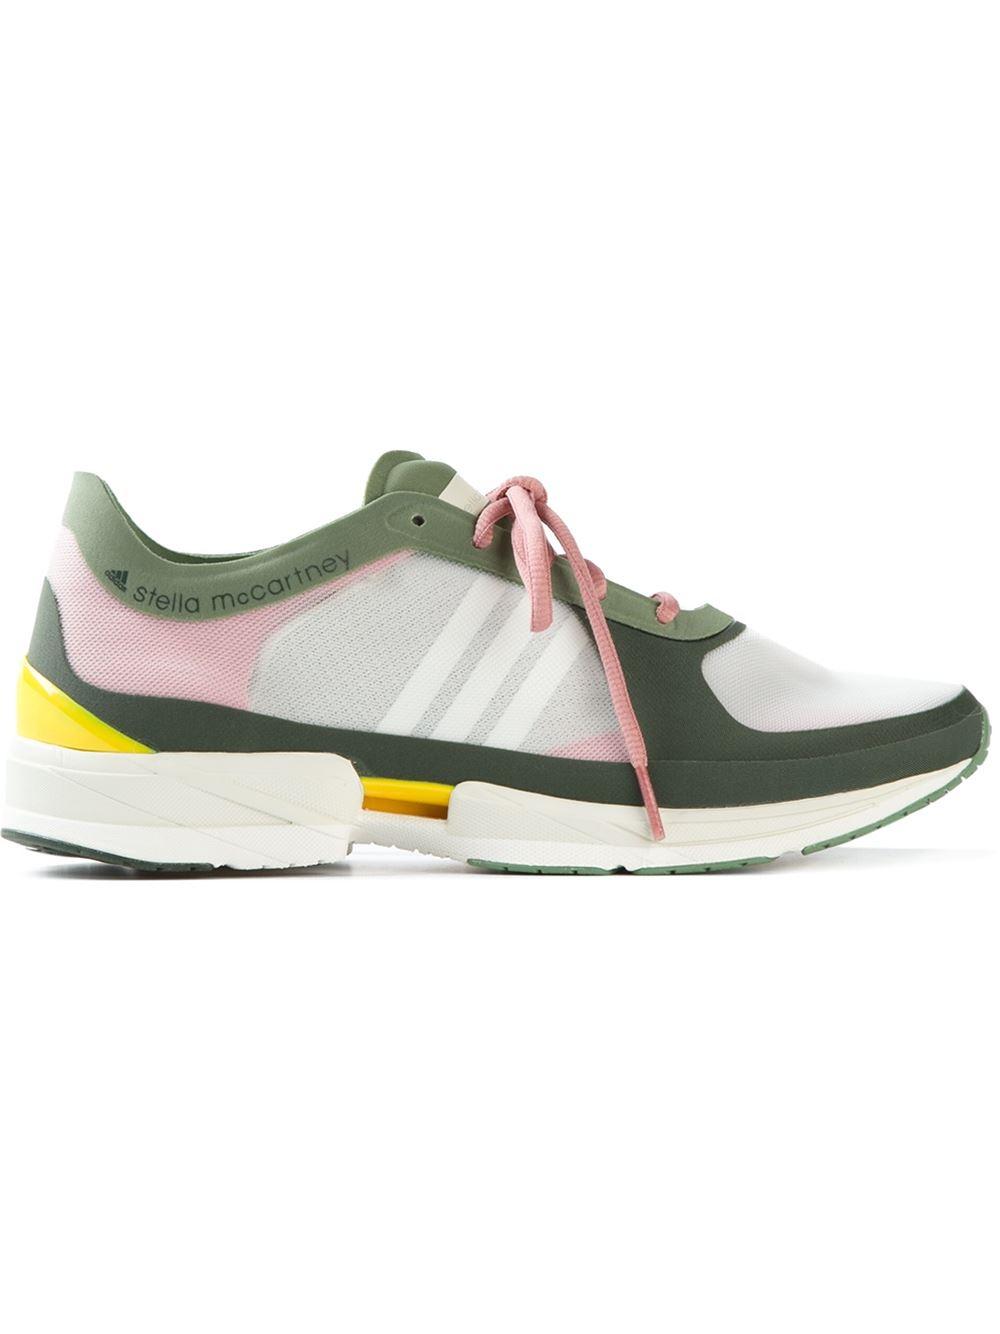 30127b2a9620 Lyst - adidas By Stella McCartney  Diorite Adizero  Trainers in Green